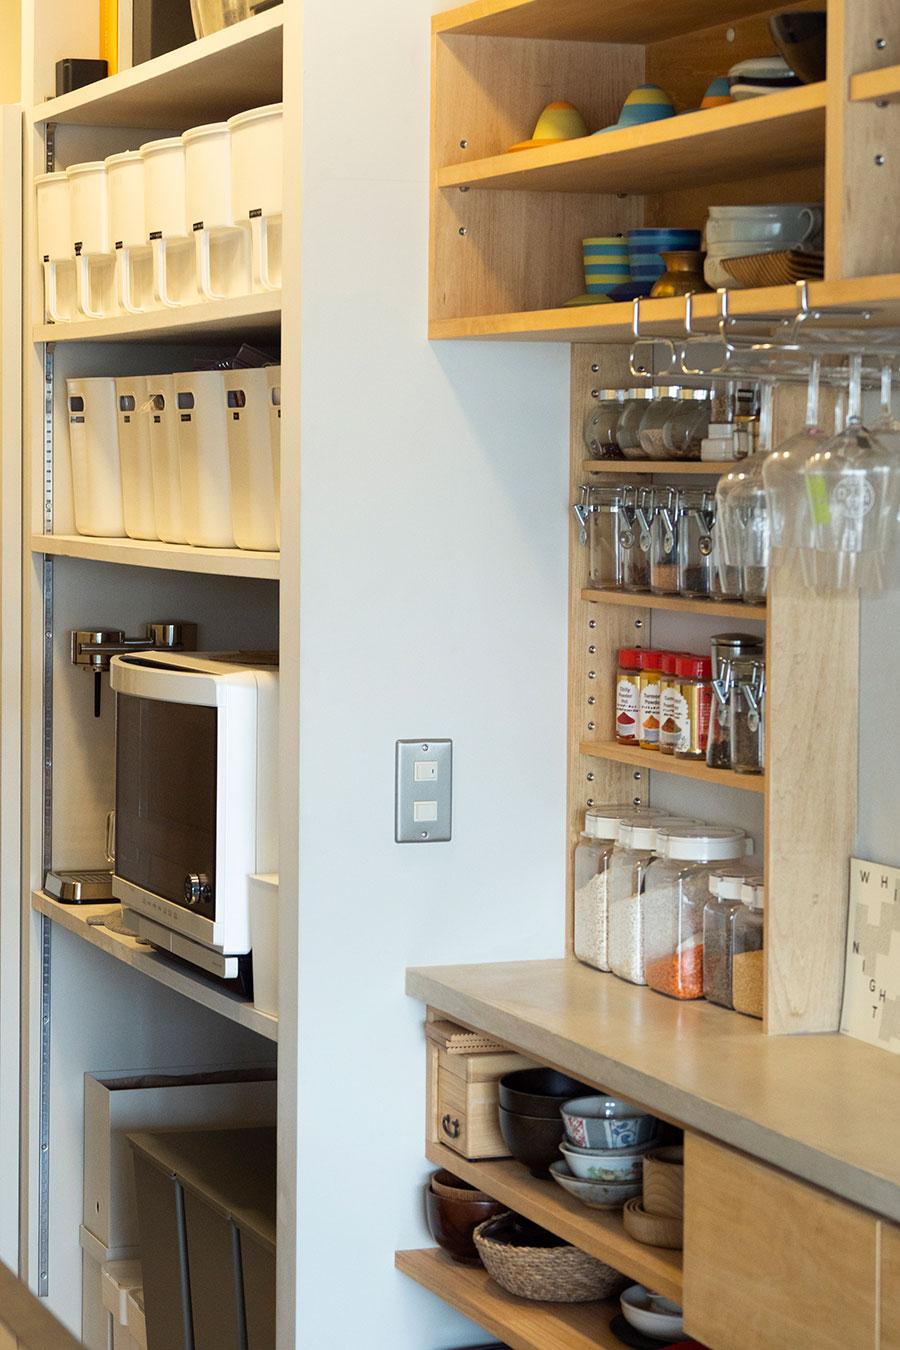 夫・邦夫さんがよく作るカレー用のスパイスが並ぶ棚。収めるもののサイズを考えて造作した。その向こうは見事にオーガナイズされたパントリー。